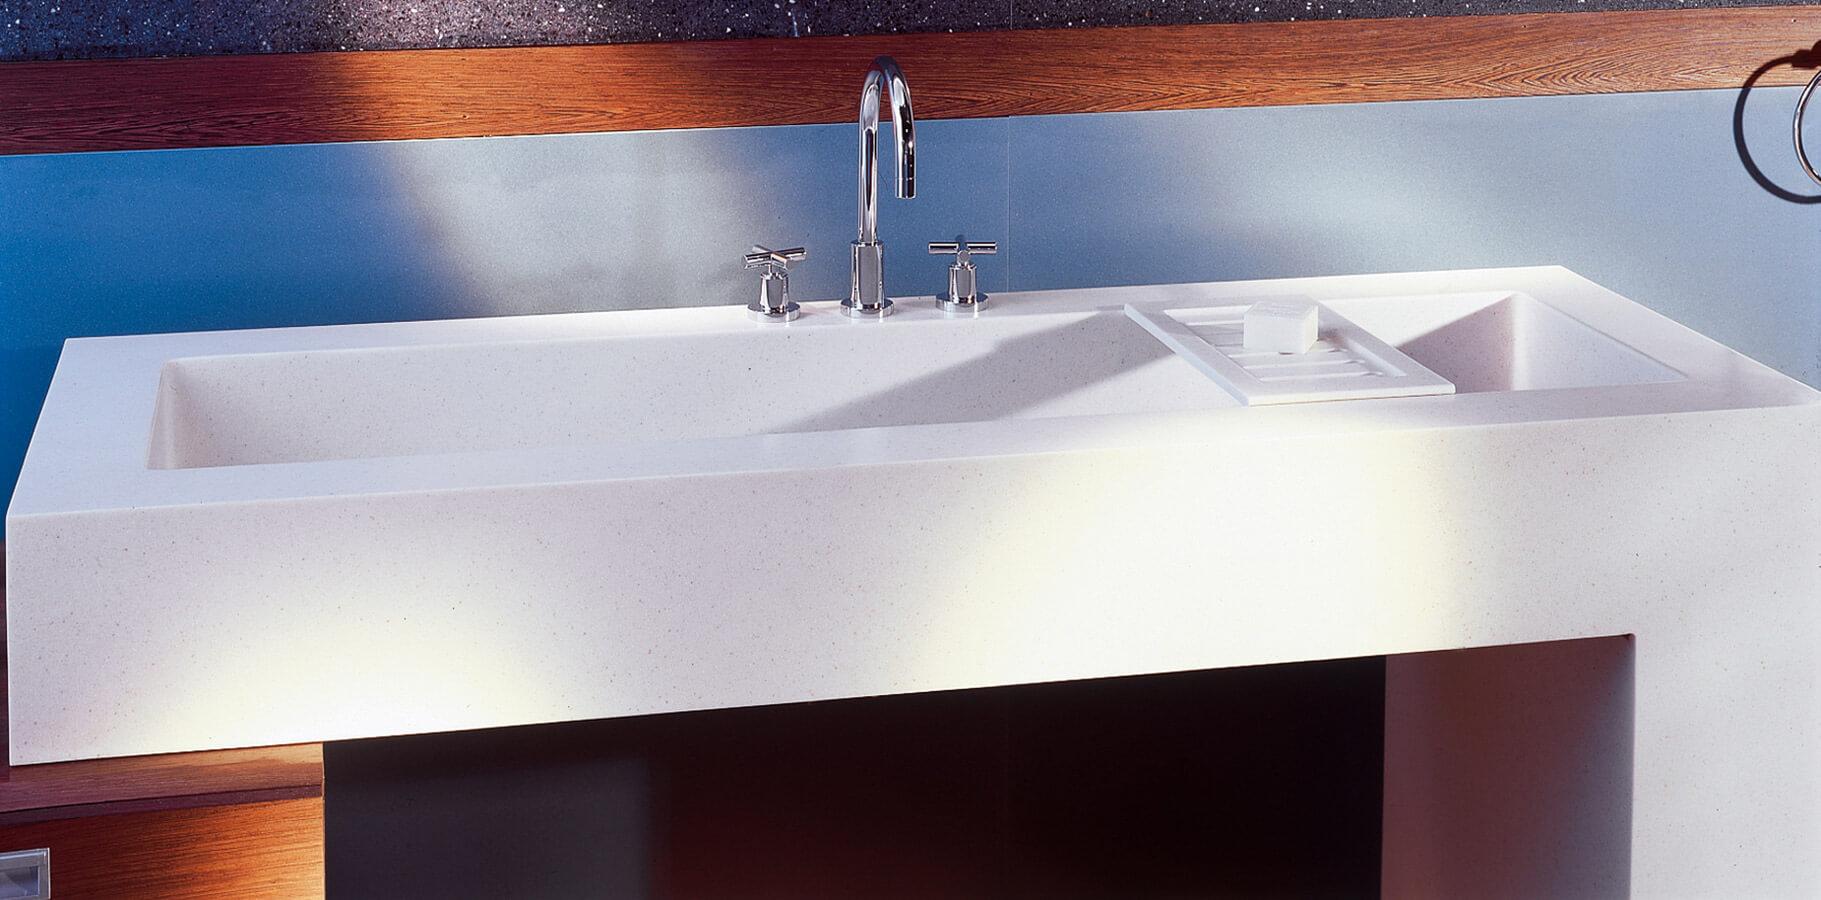 Corian wastafel wastafels op maat correnti - Wastafel rechthoekig badkamer ...